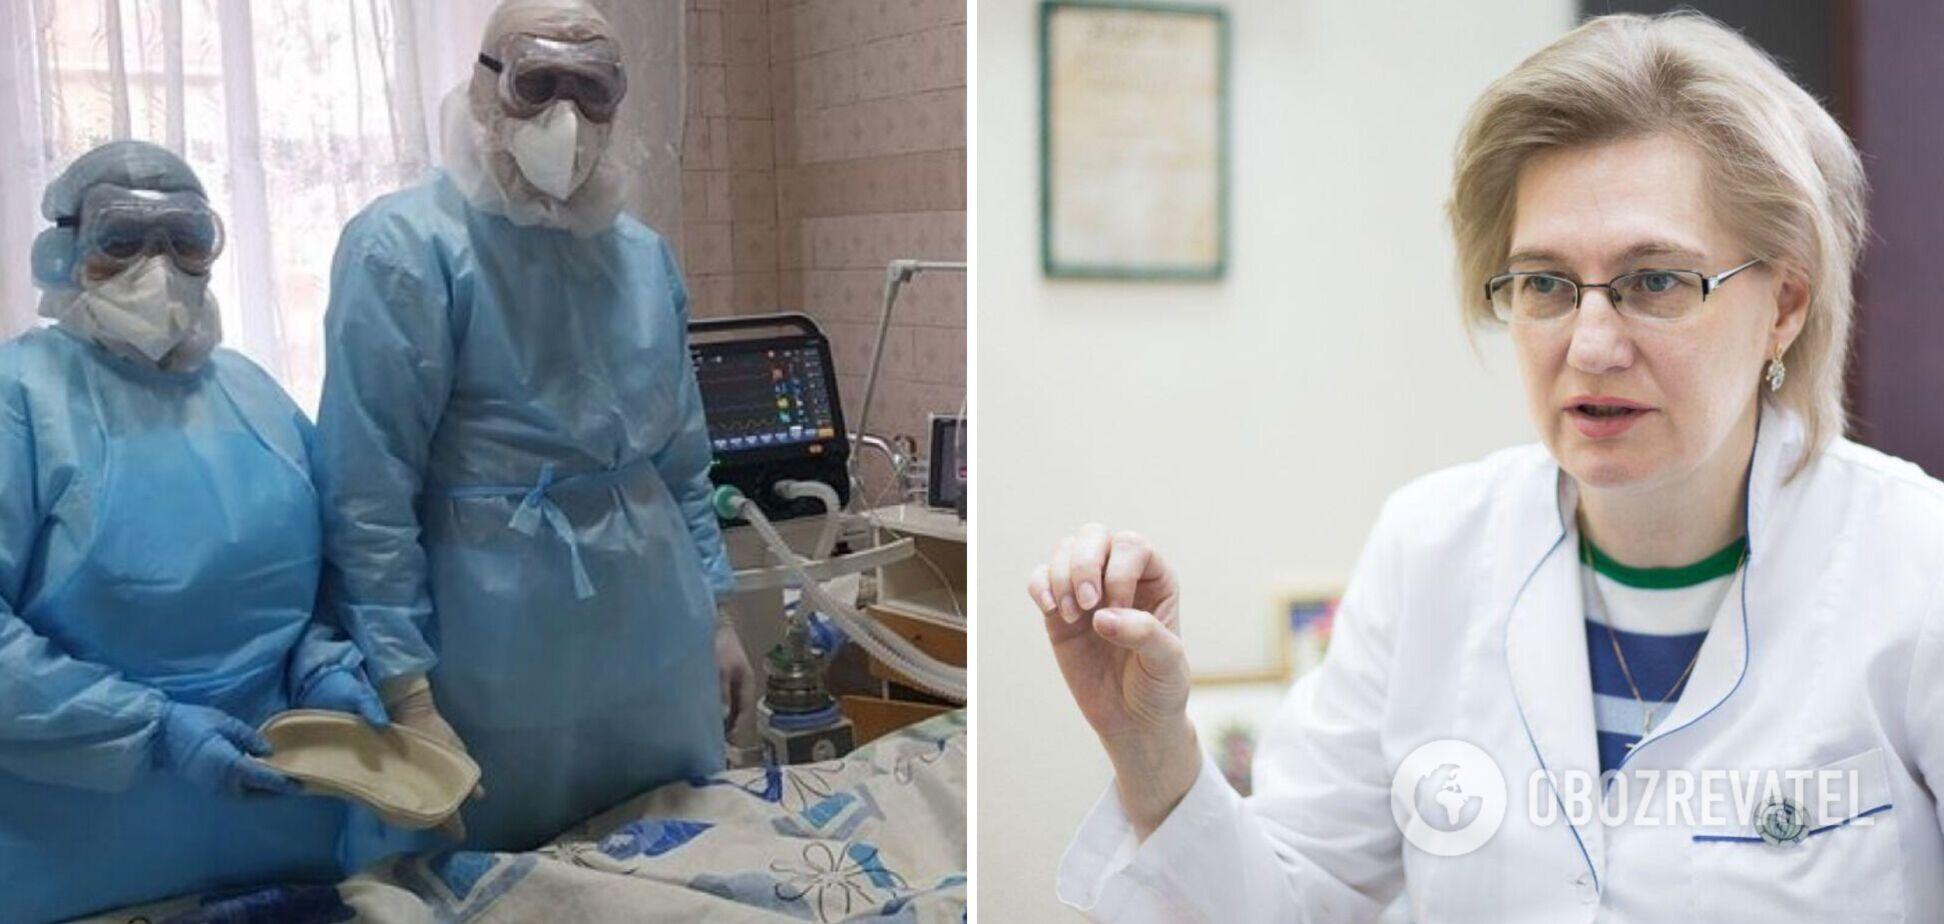 Голубовская: Украина не лидер по смертности от COVID-19, хватит оскорблять медиков